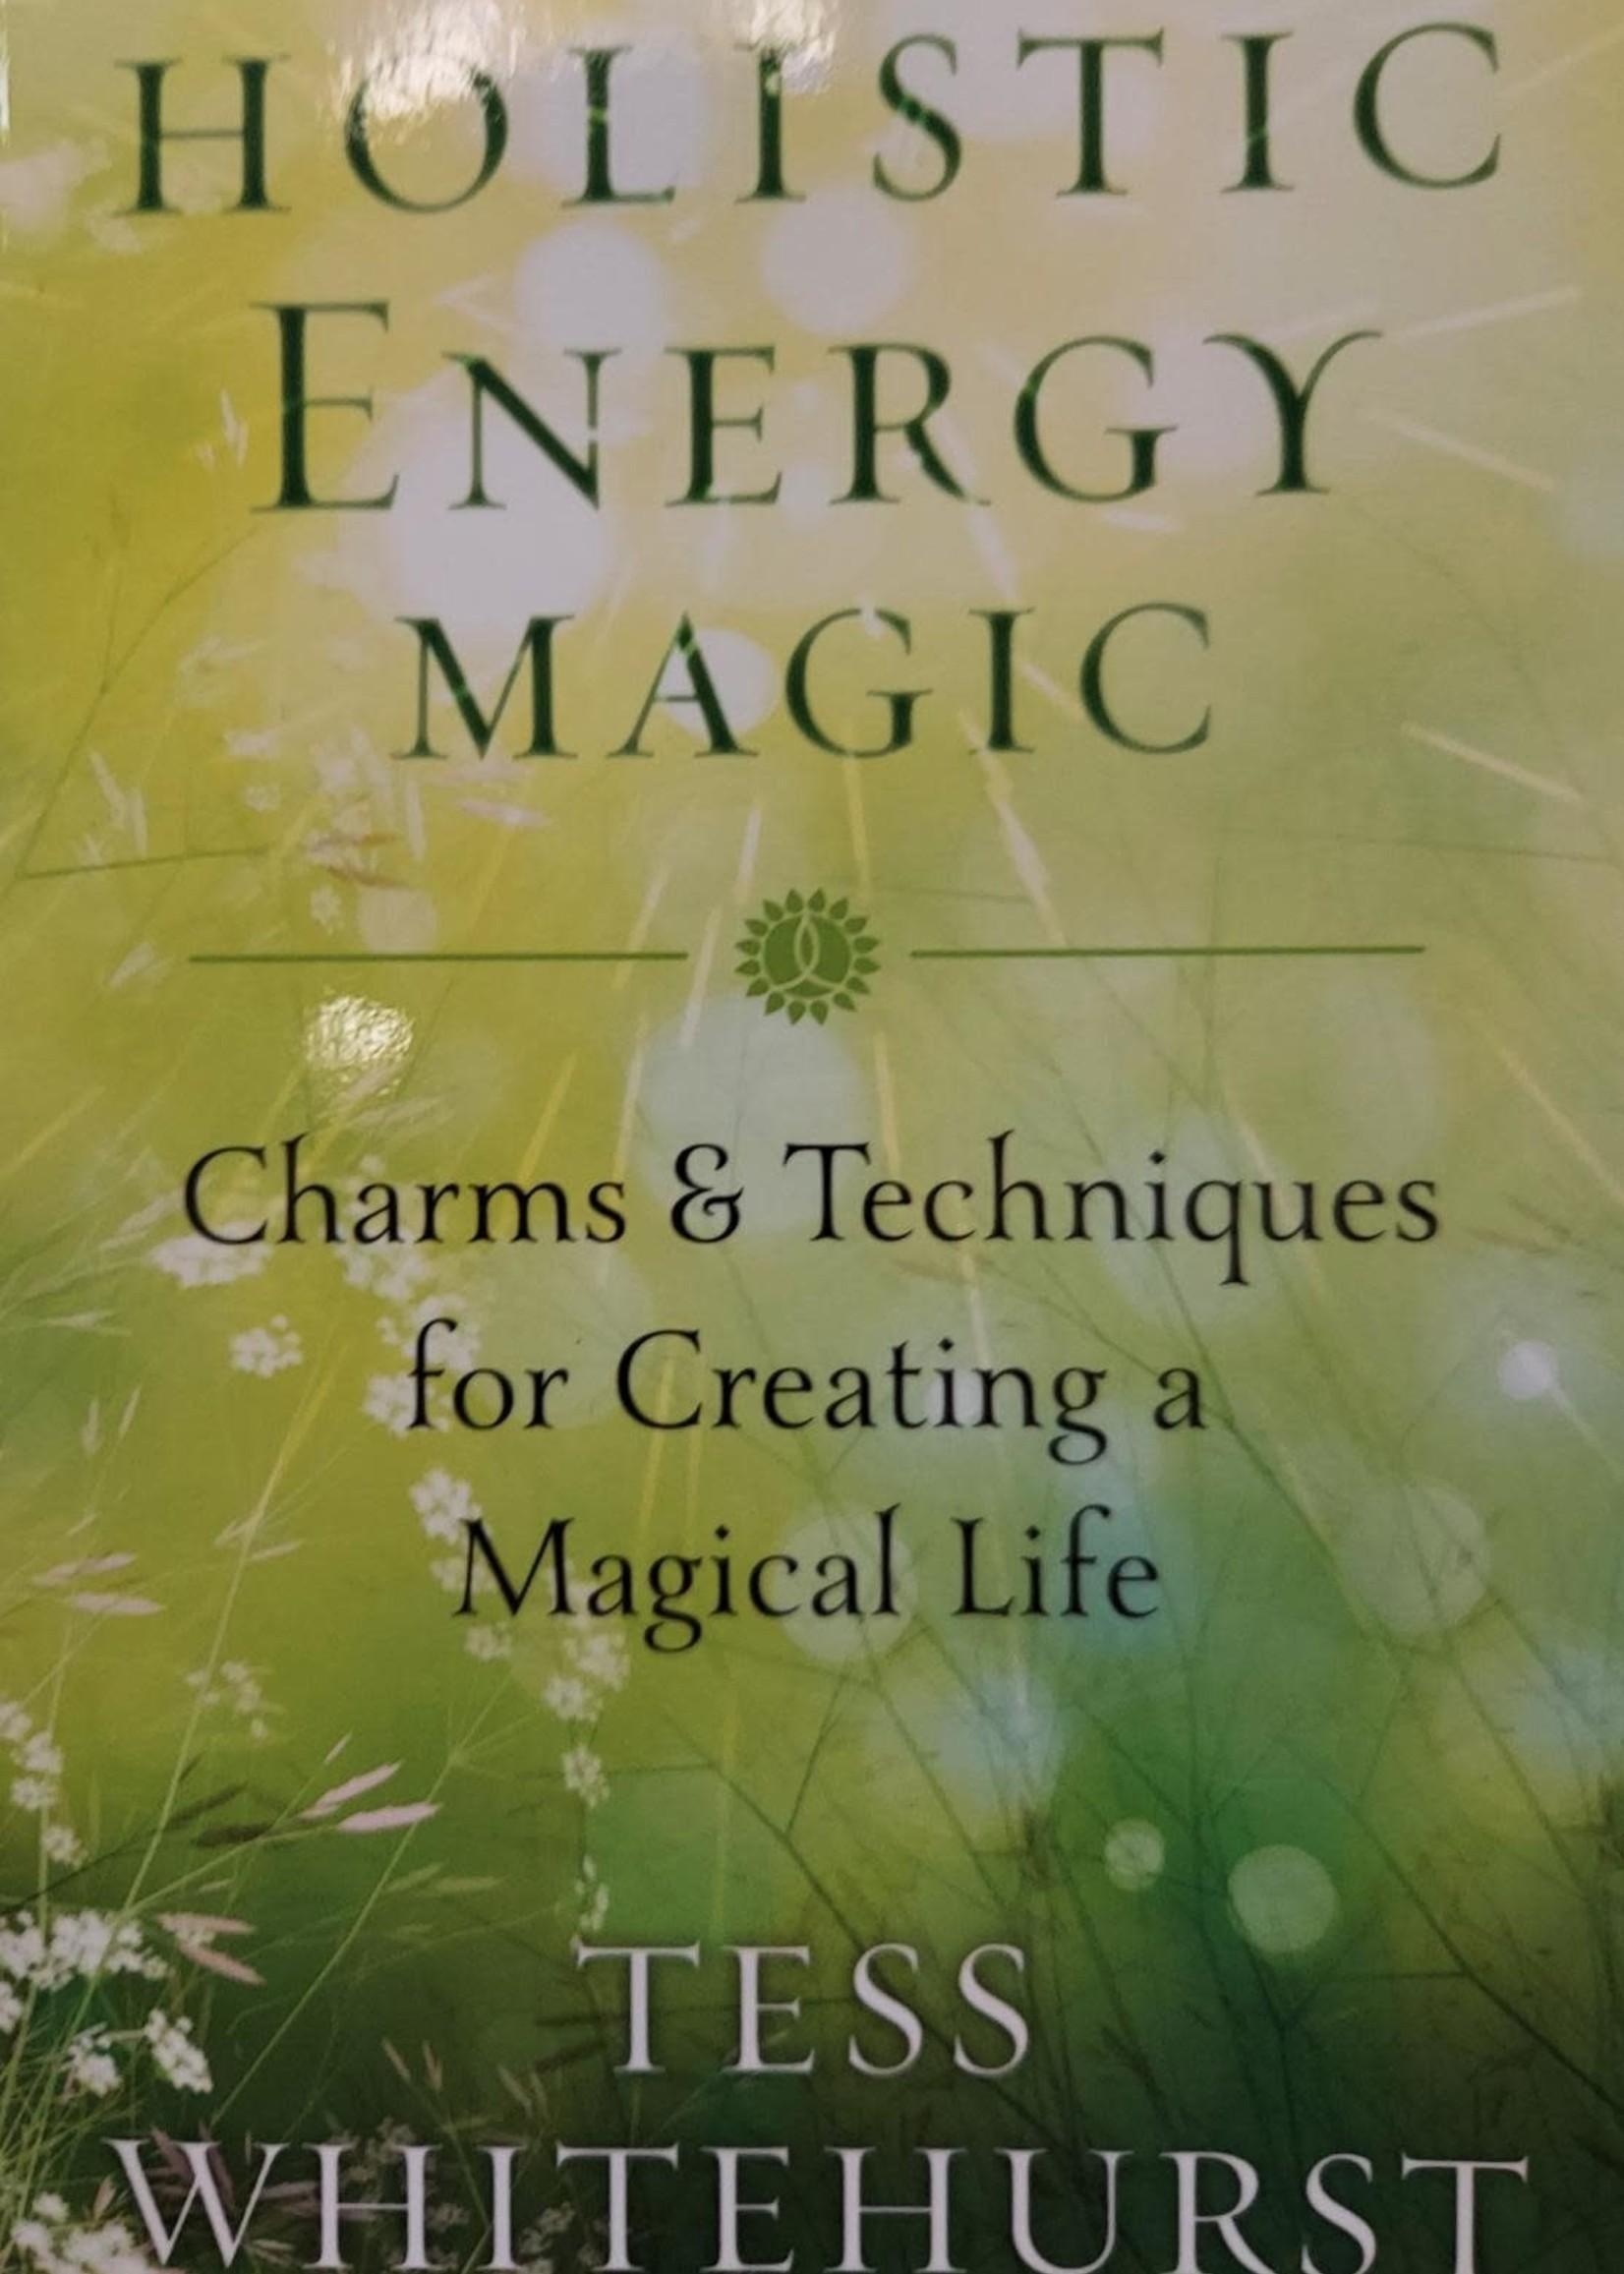 Holistic Energy Magic - BY TESS WHITEHURST